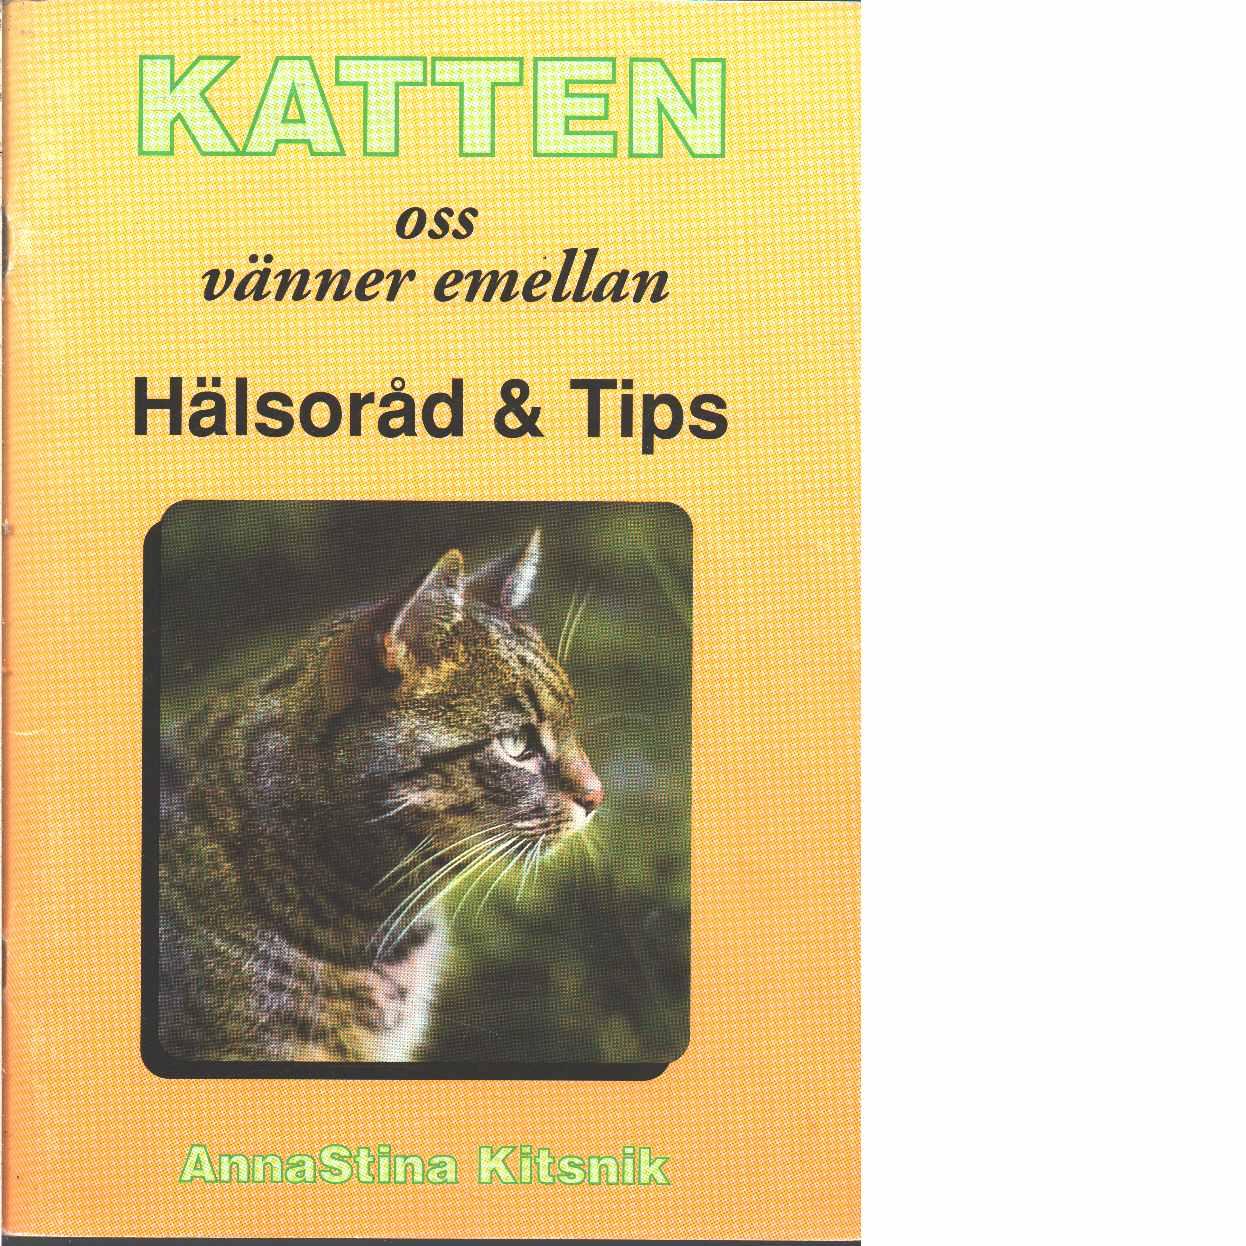 Katten oss vänner emellan : hälsoråd & tips - Kitsnik, Annastina